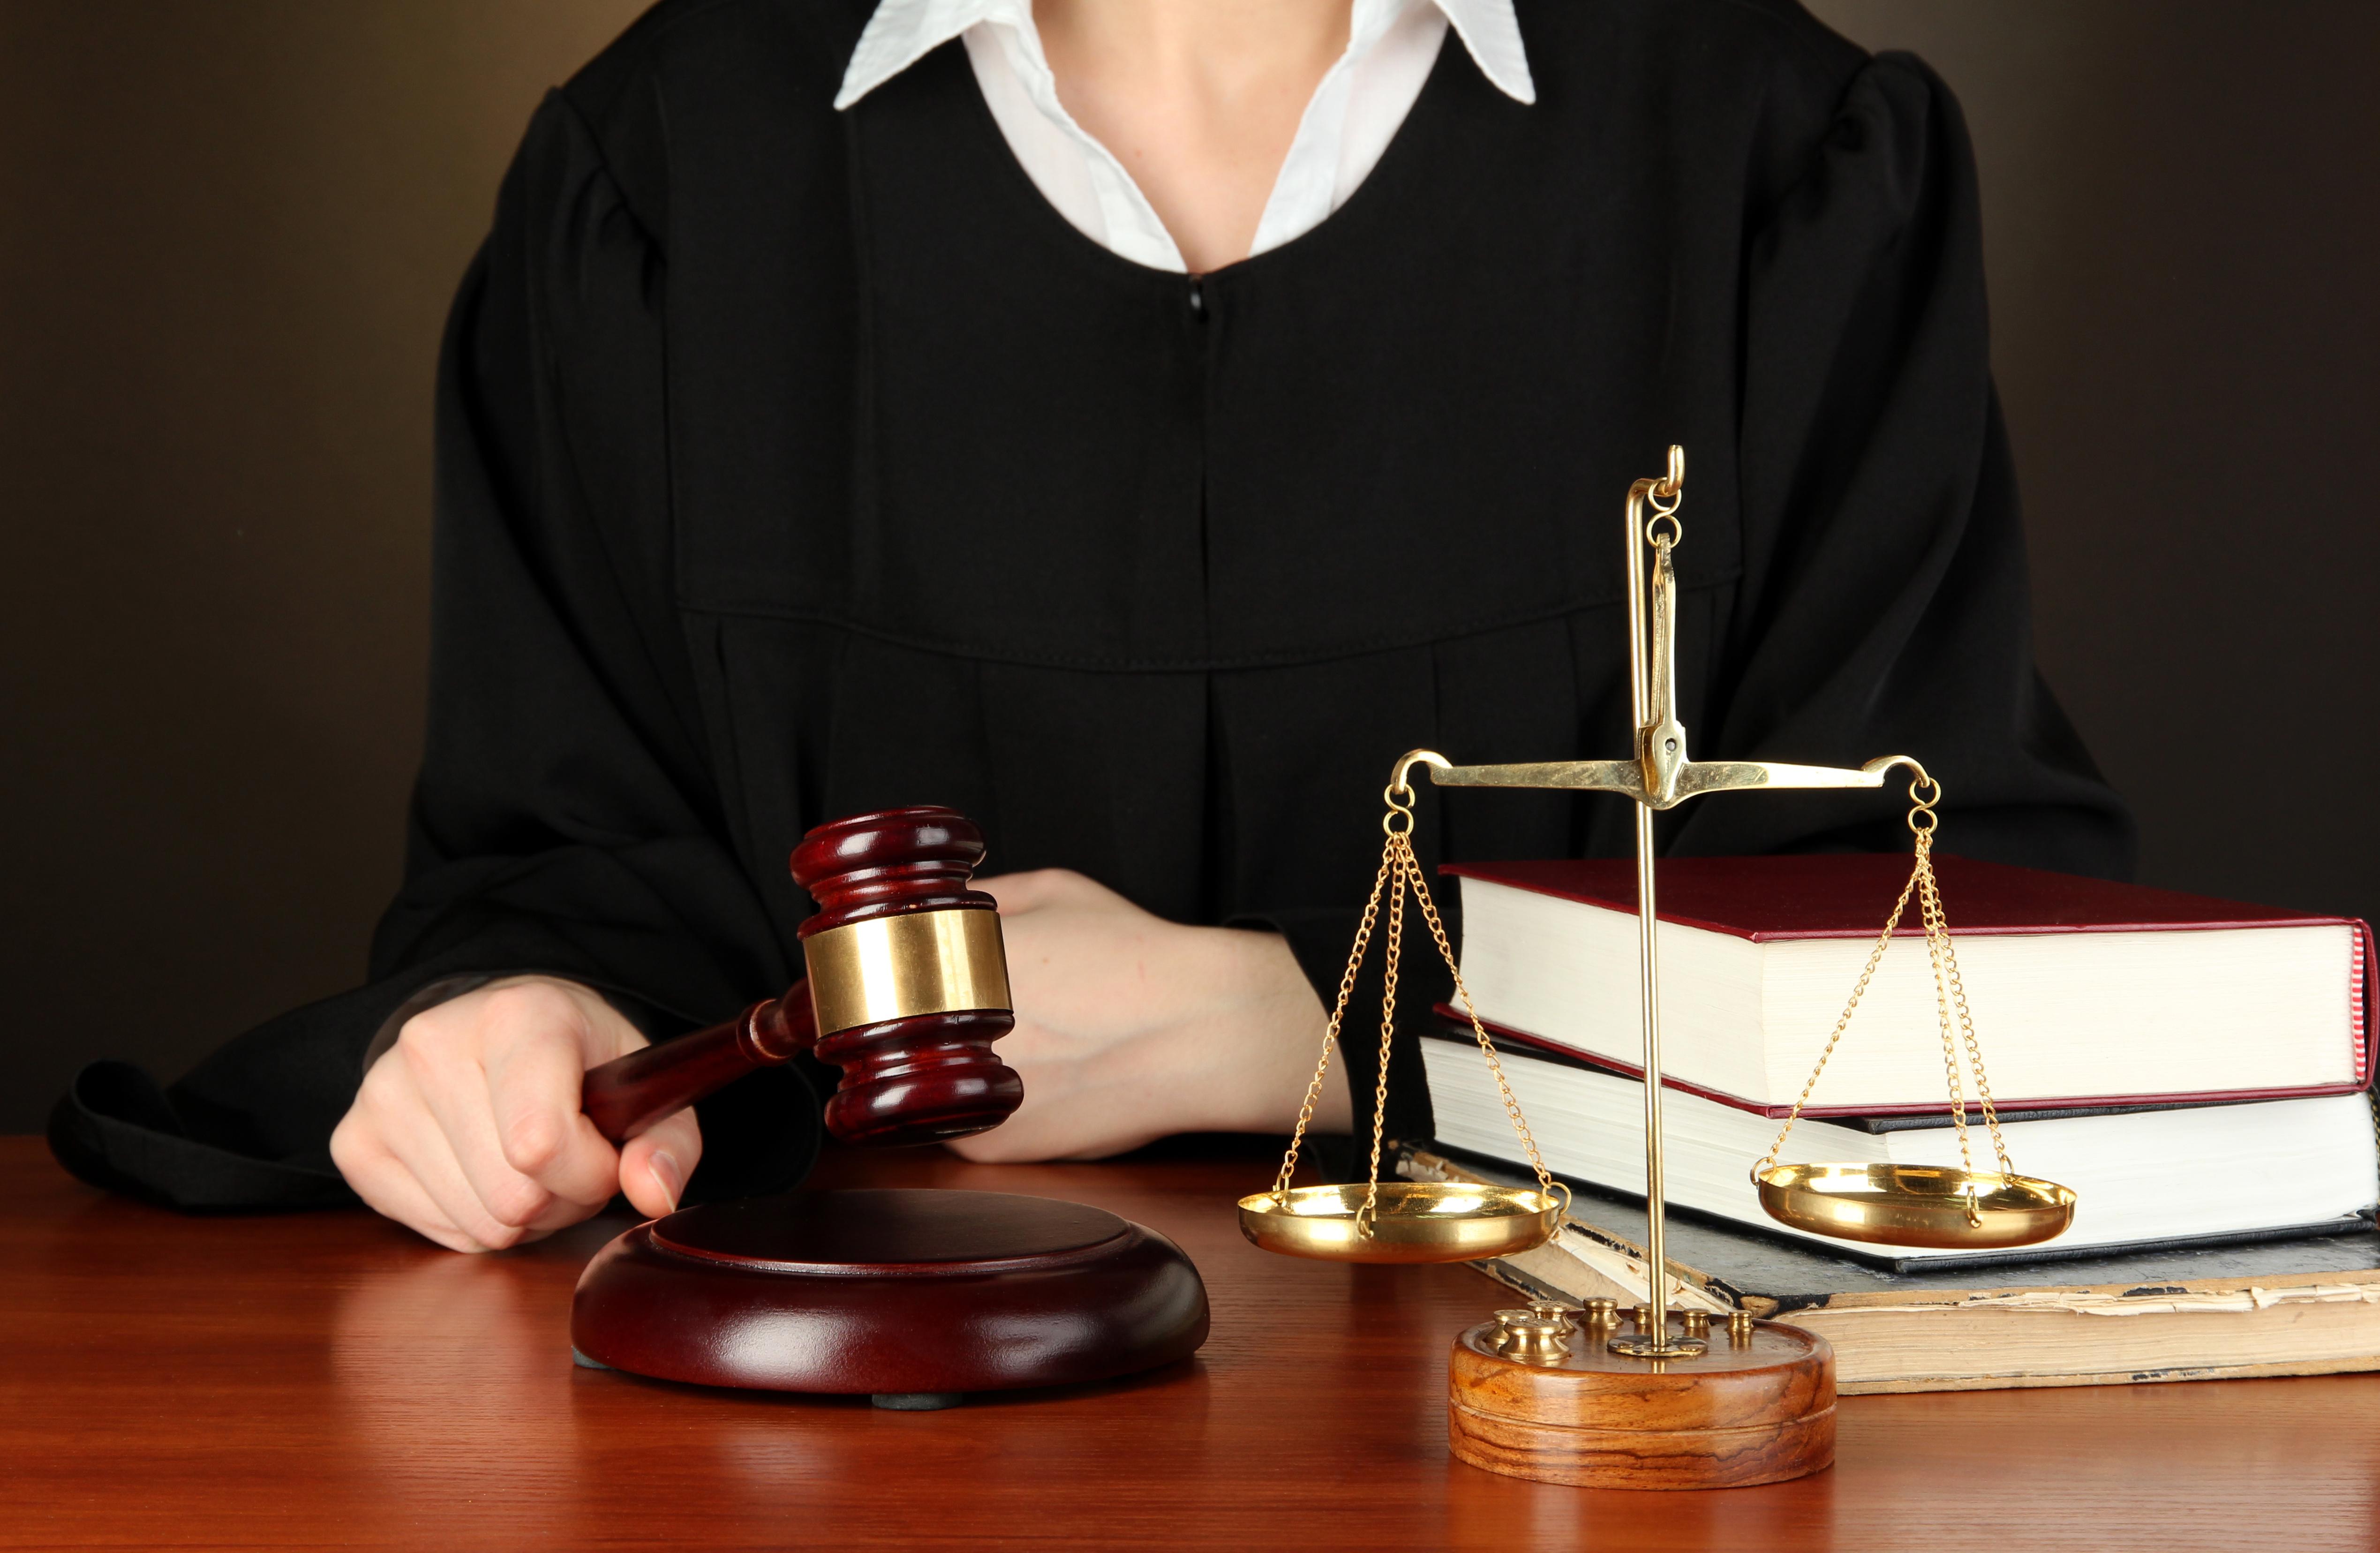 לקחת את החוק לידיים, התמחות במשפט פלילי וקרימינולוגי (צילום: Shutterstock)